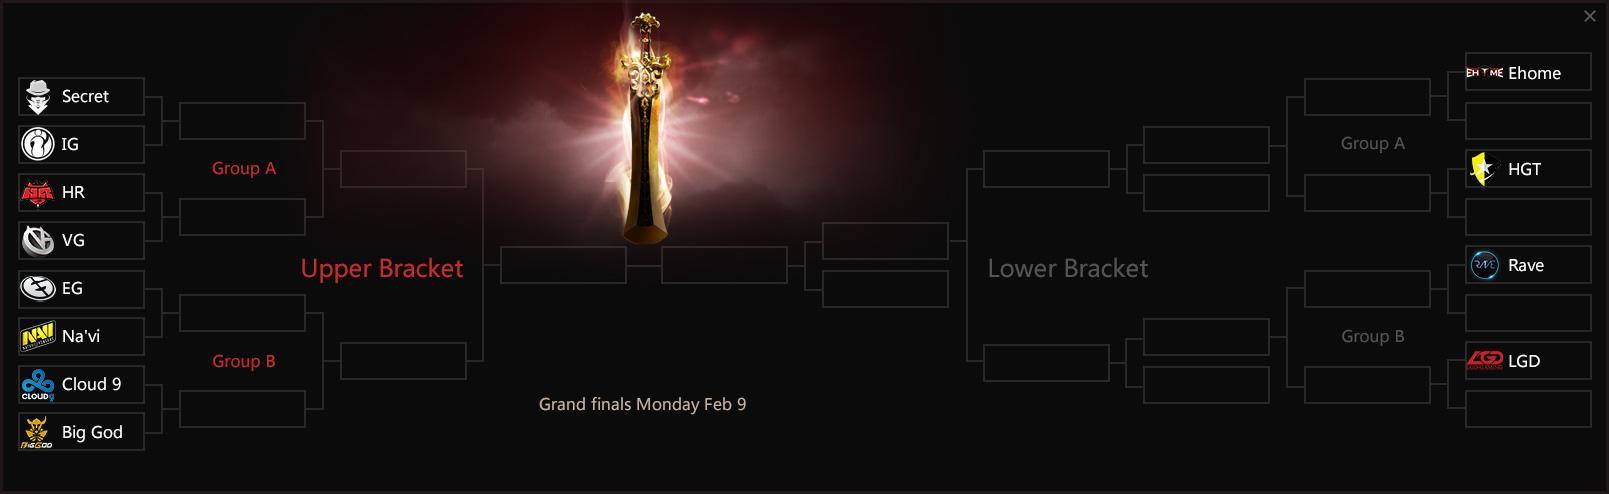 Сетка плей-офф DAC 2015